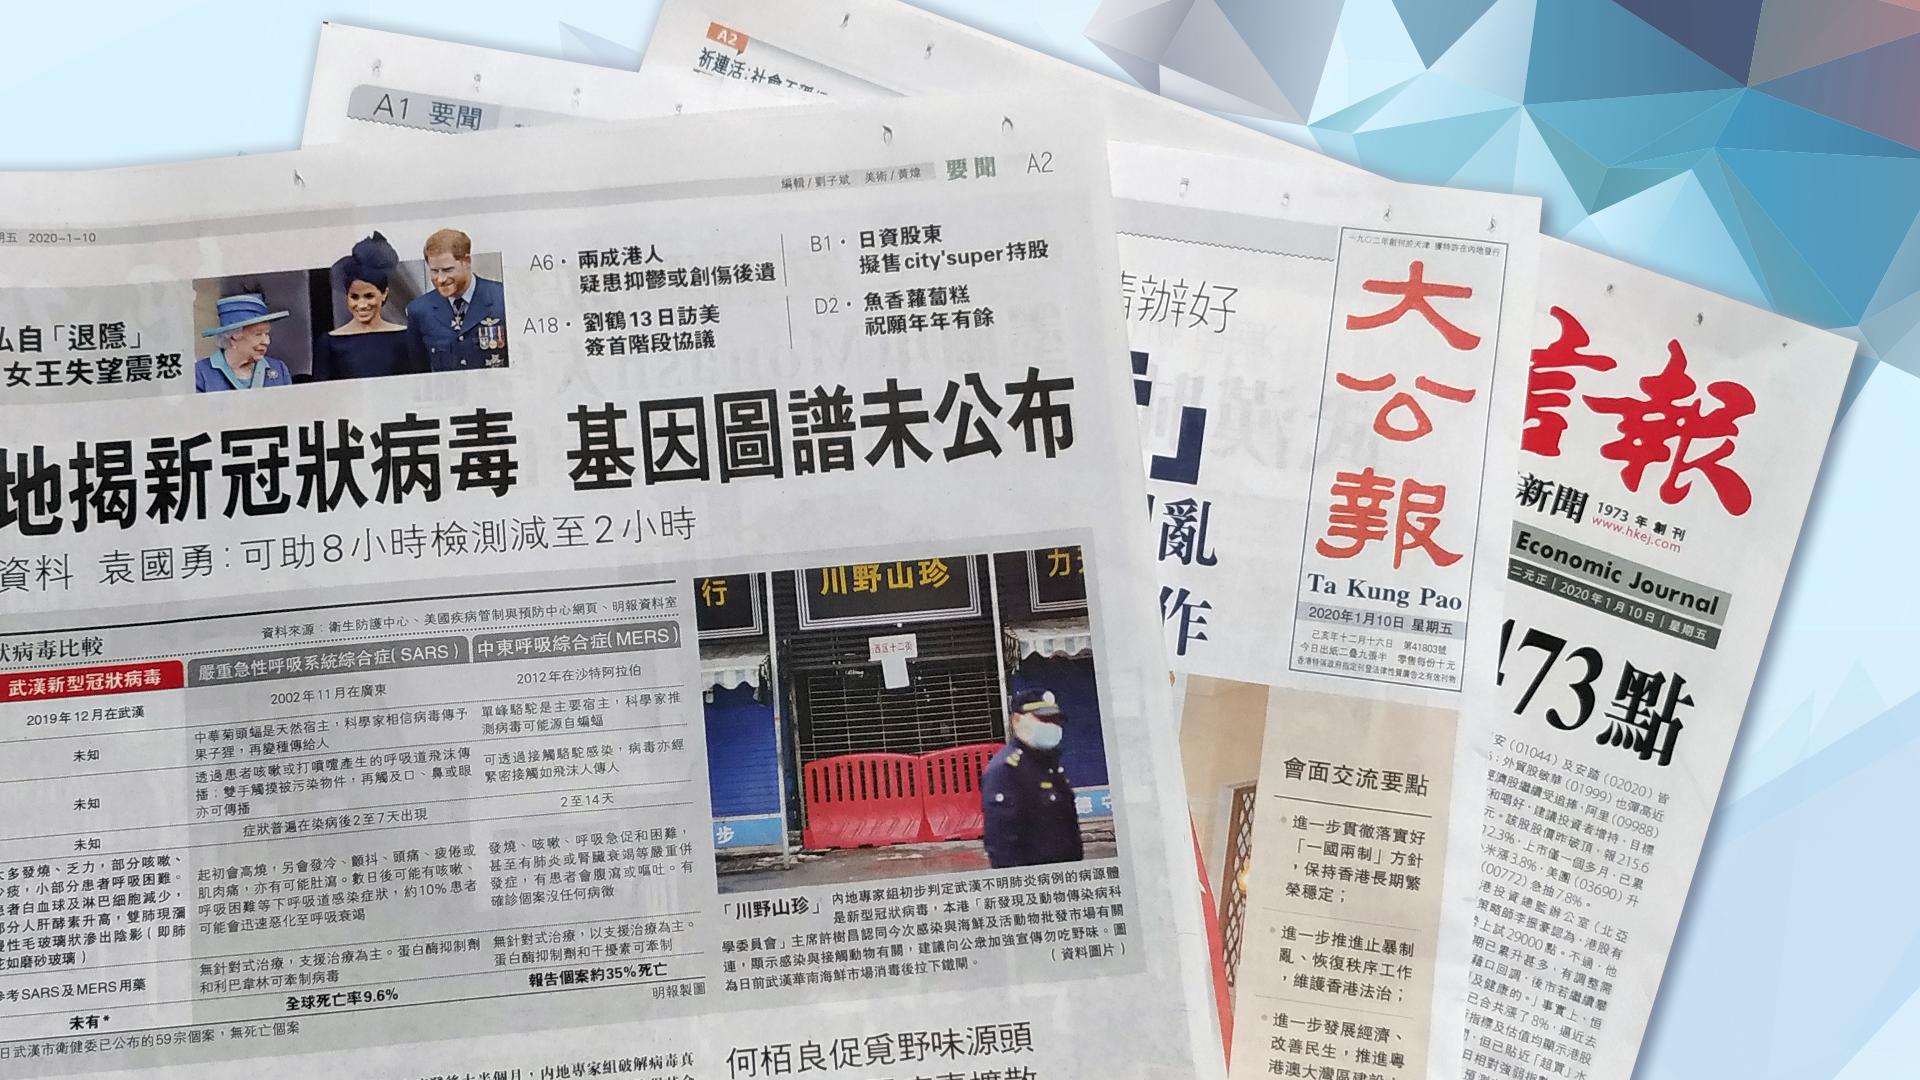 【報章A1速覽】內地揭新冠狀病毒 基因圖譜未公布;駱惠寧拜會林鄭 共同把香港事情辦好